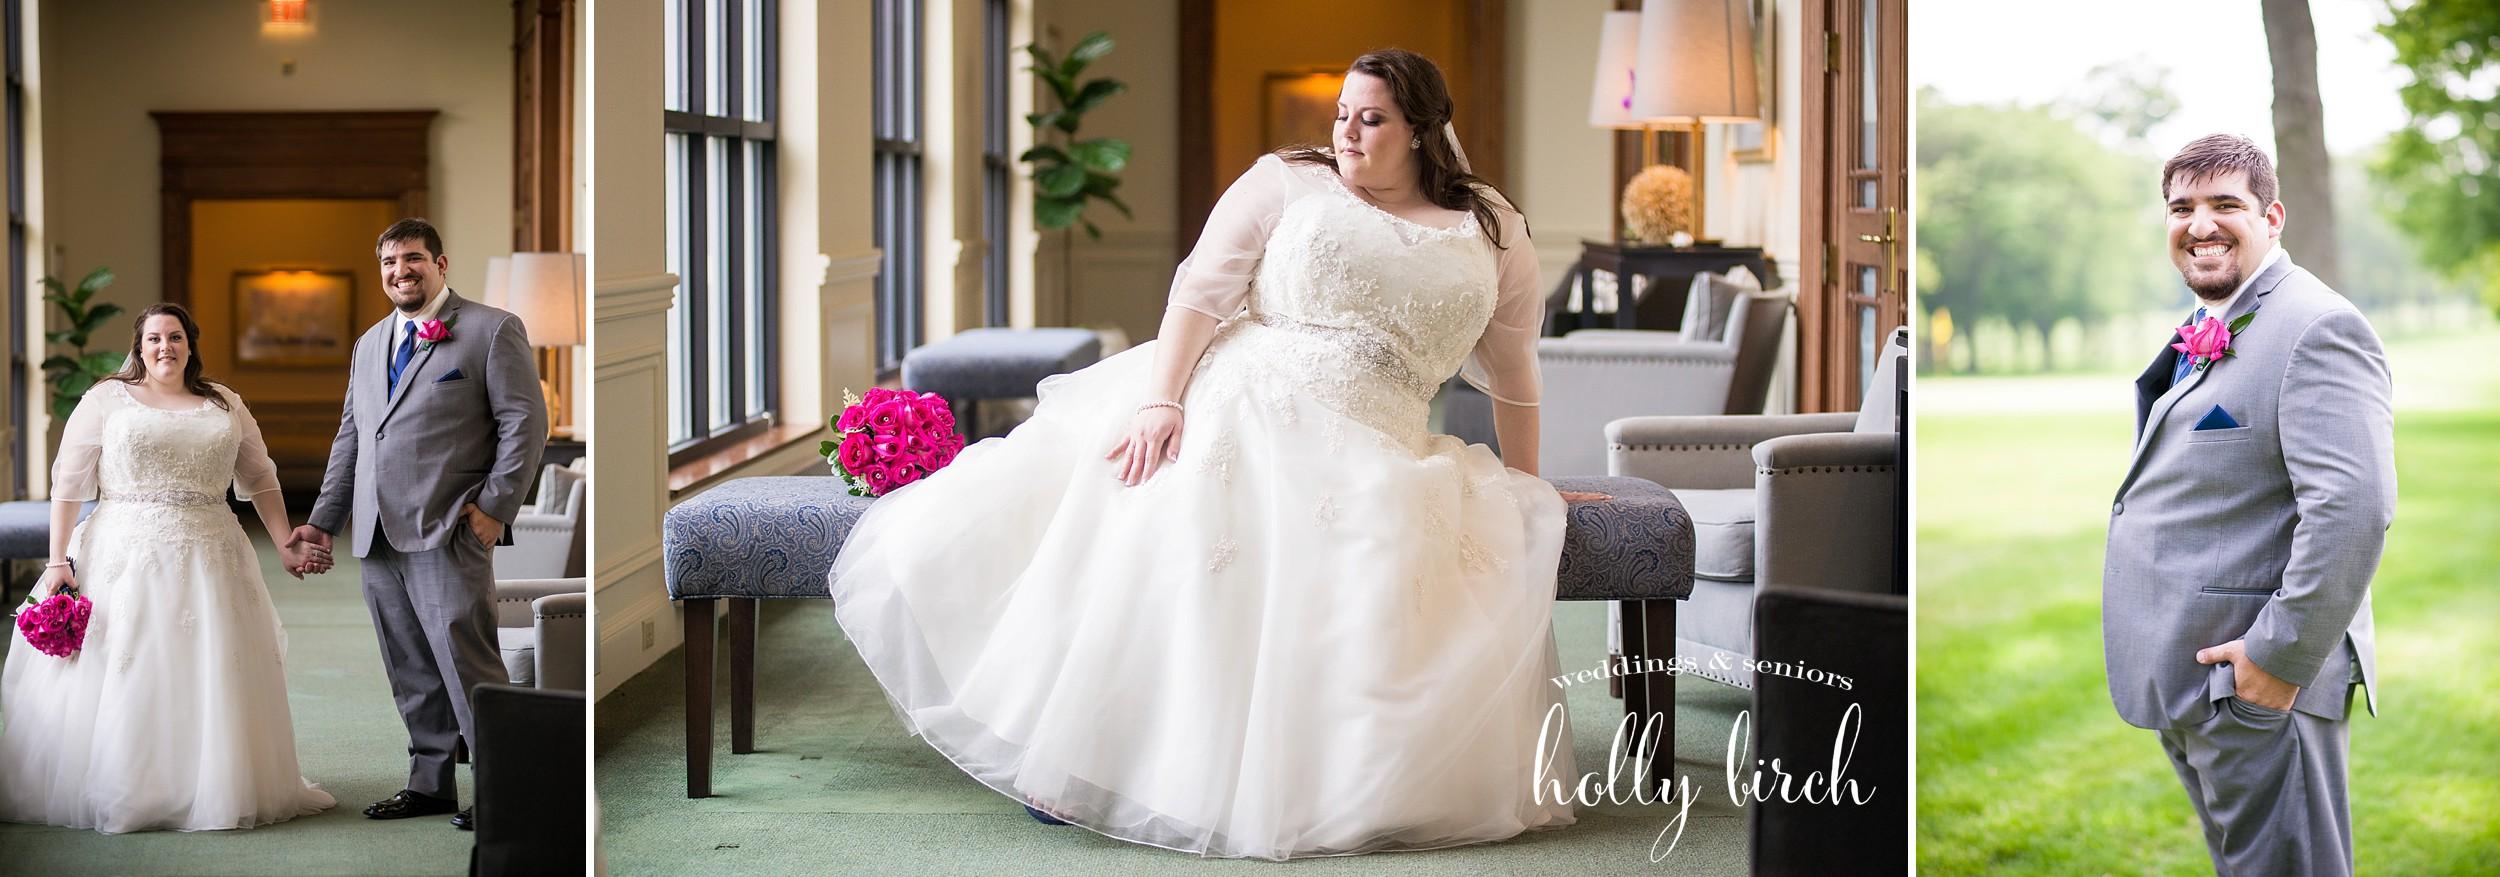 bride elegant settee portrait